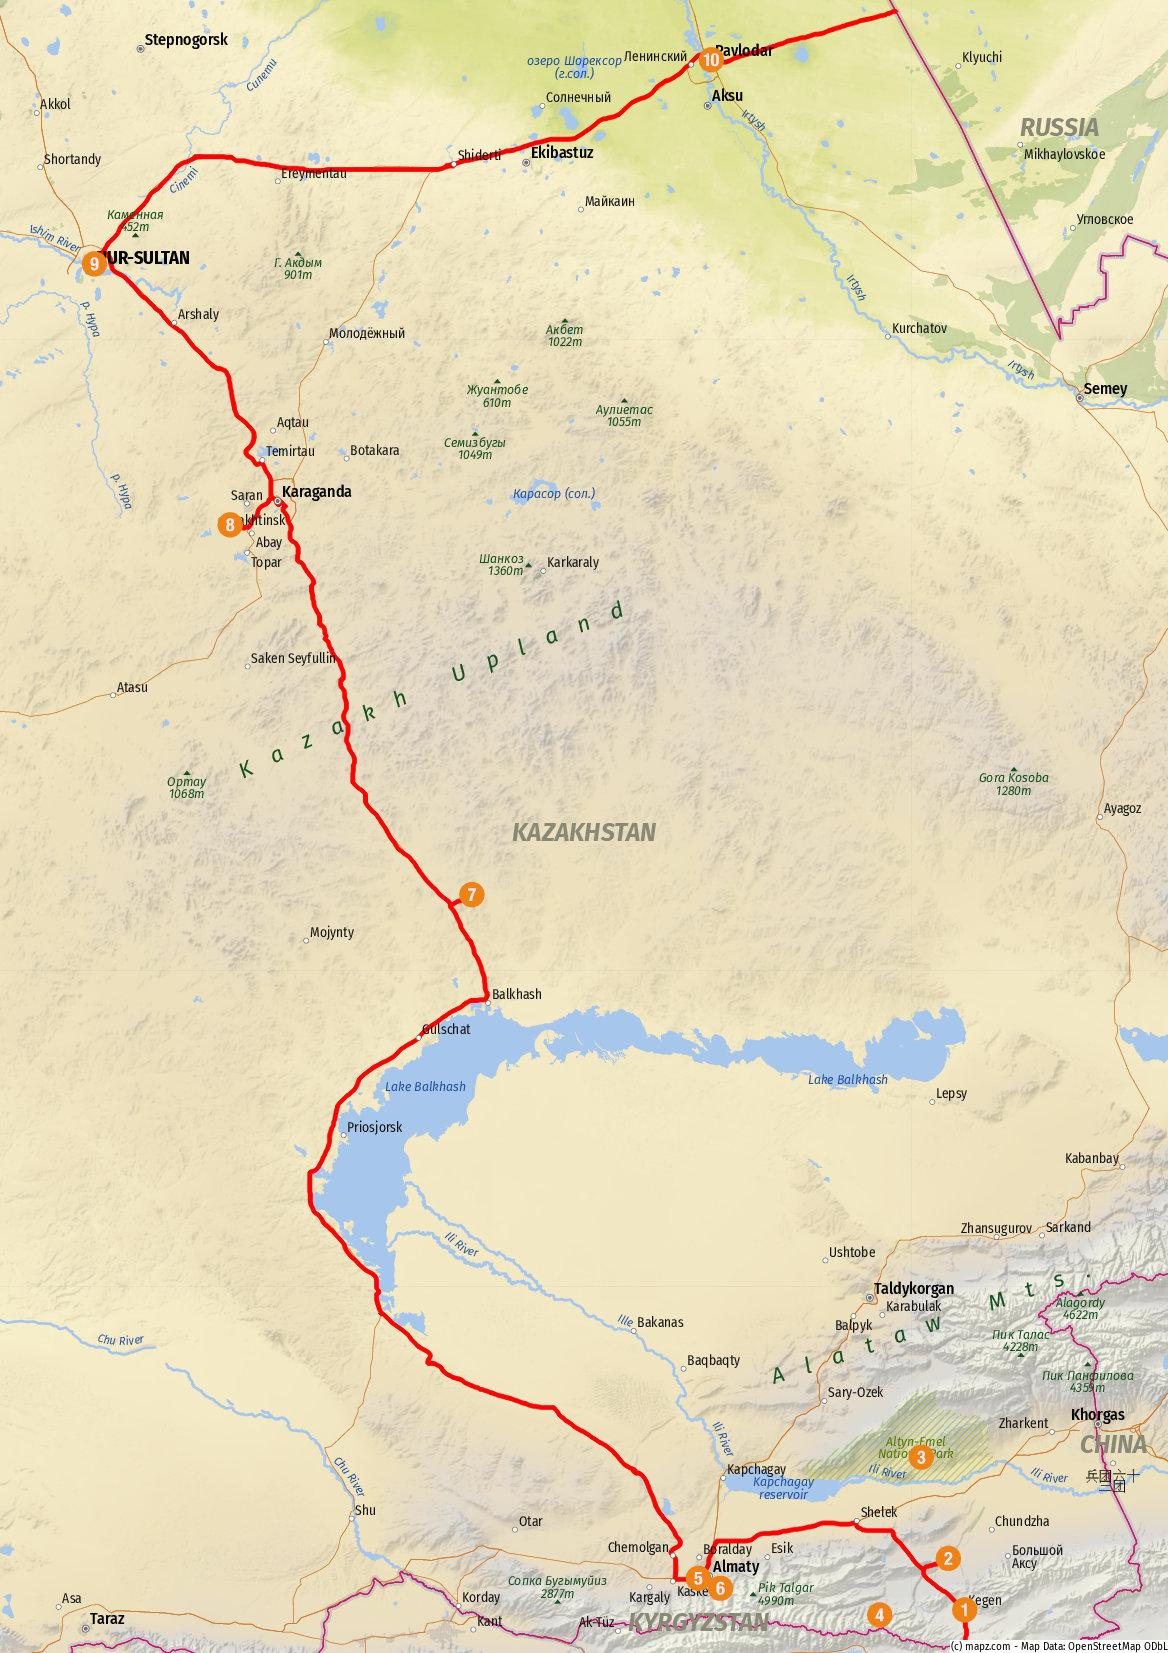 Transit durch Kasachstan - Übersicht der Route und der besuchten Highlights – Karte erstellt mit www.mapz.com.